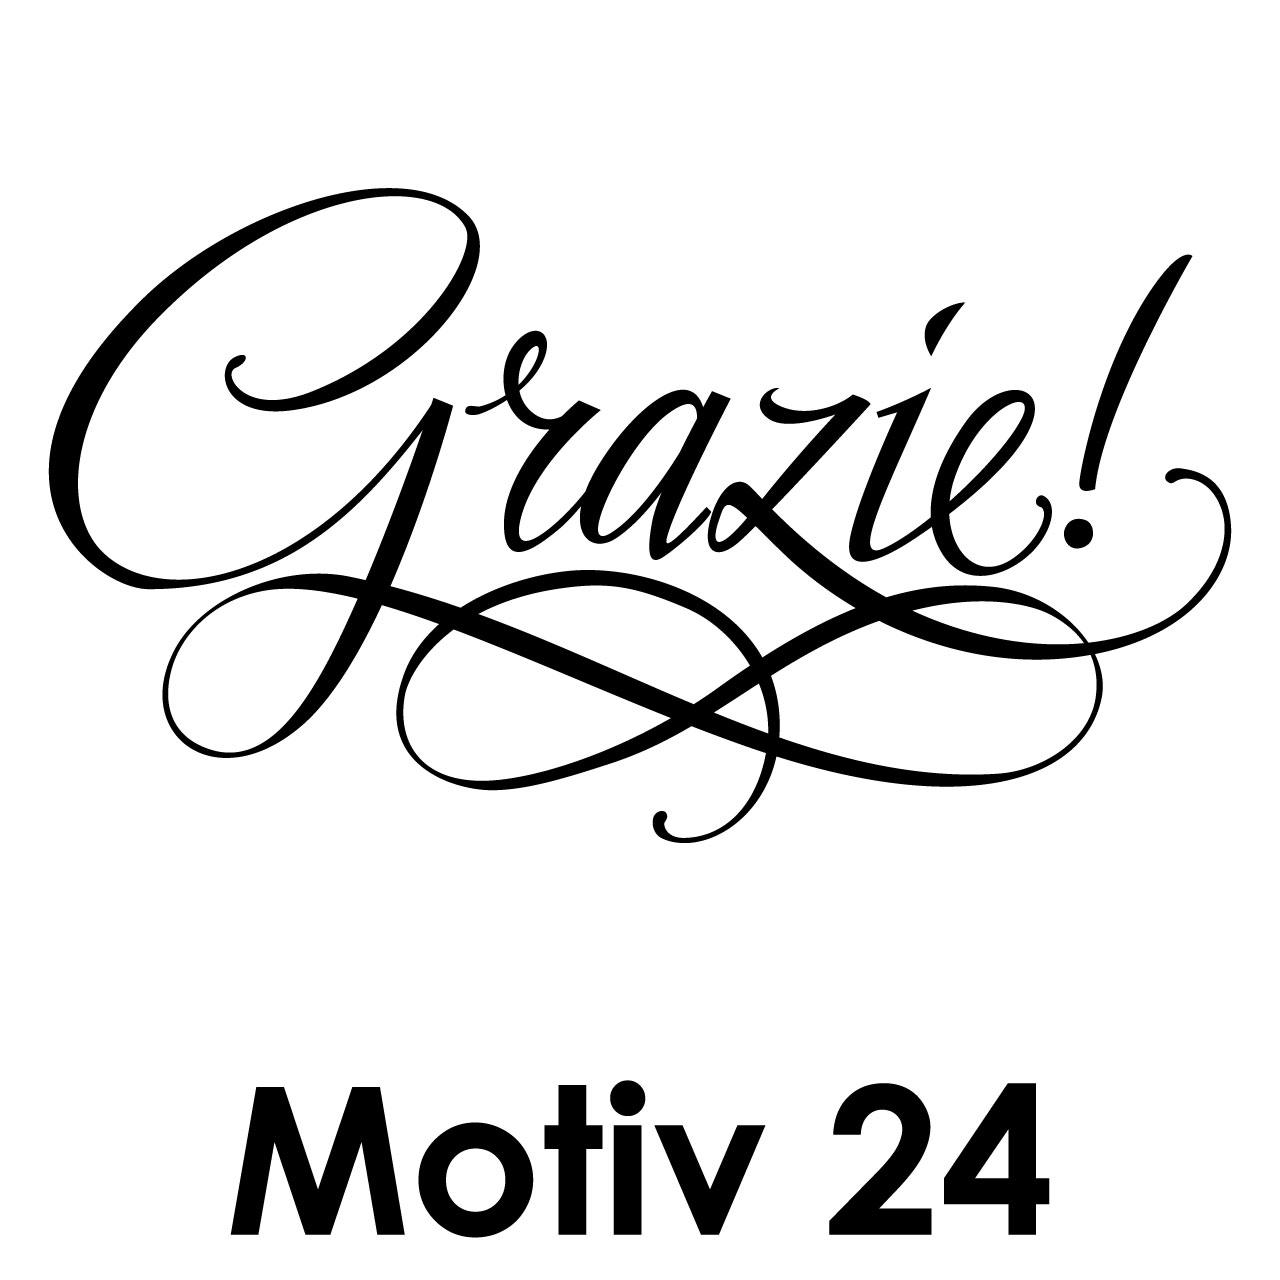 Motiv24